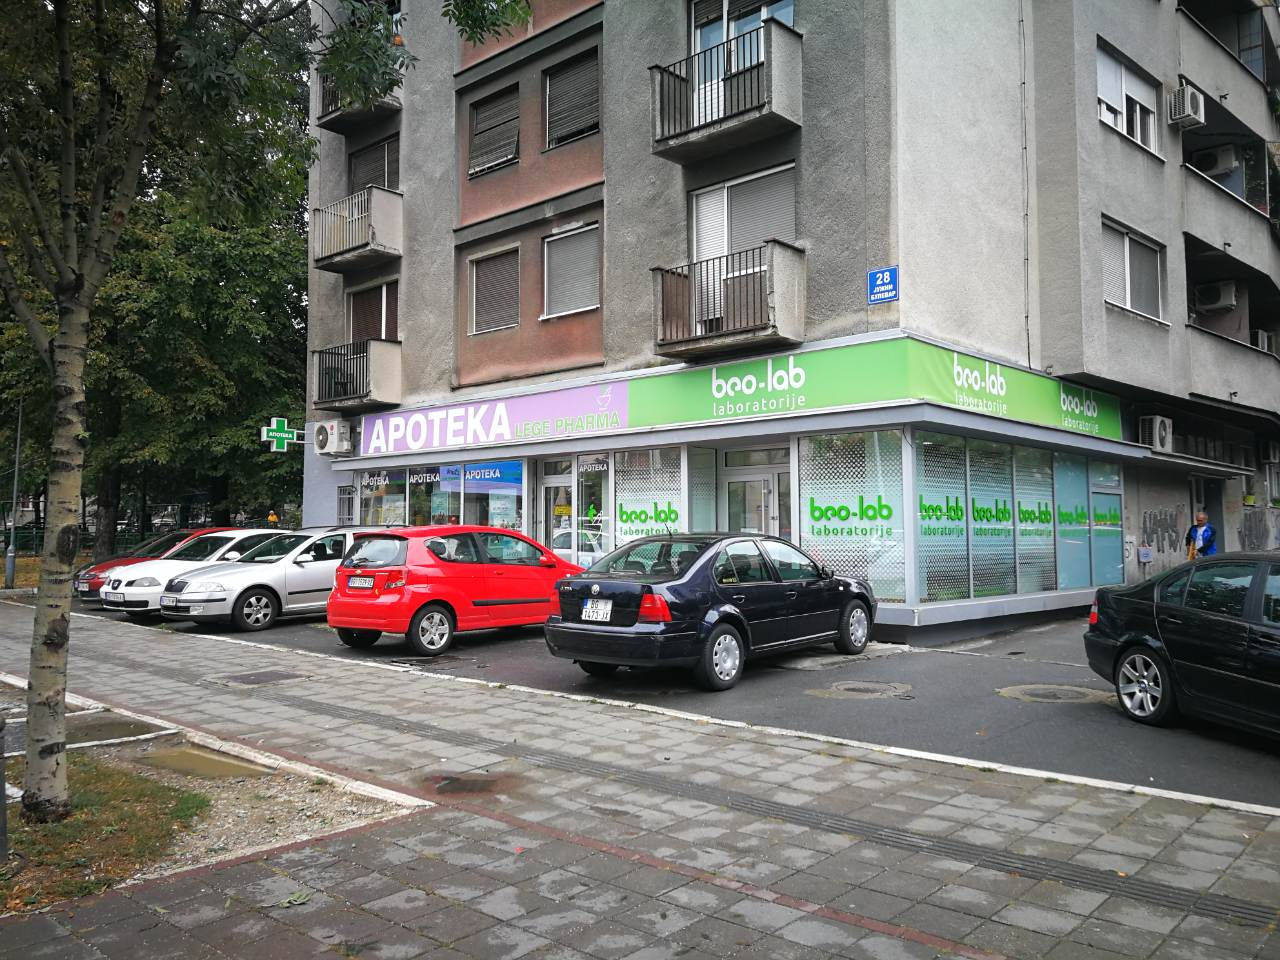 Beo-lab laboratorija Vračar, Južni Bulevar 28 3